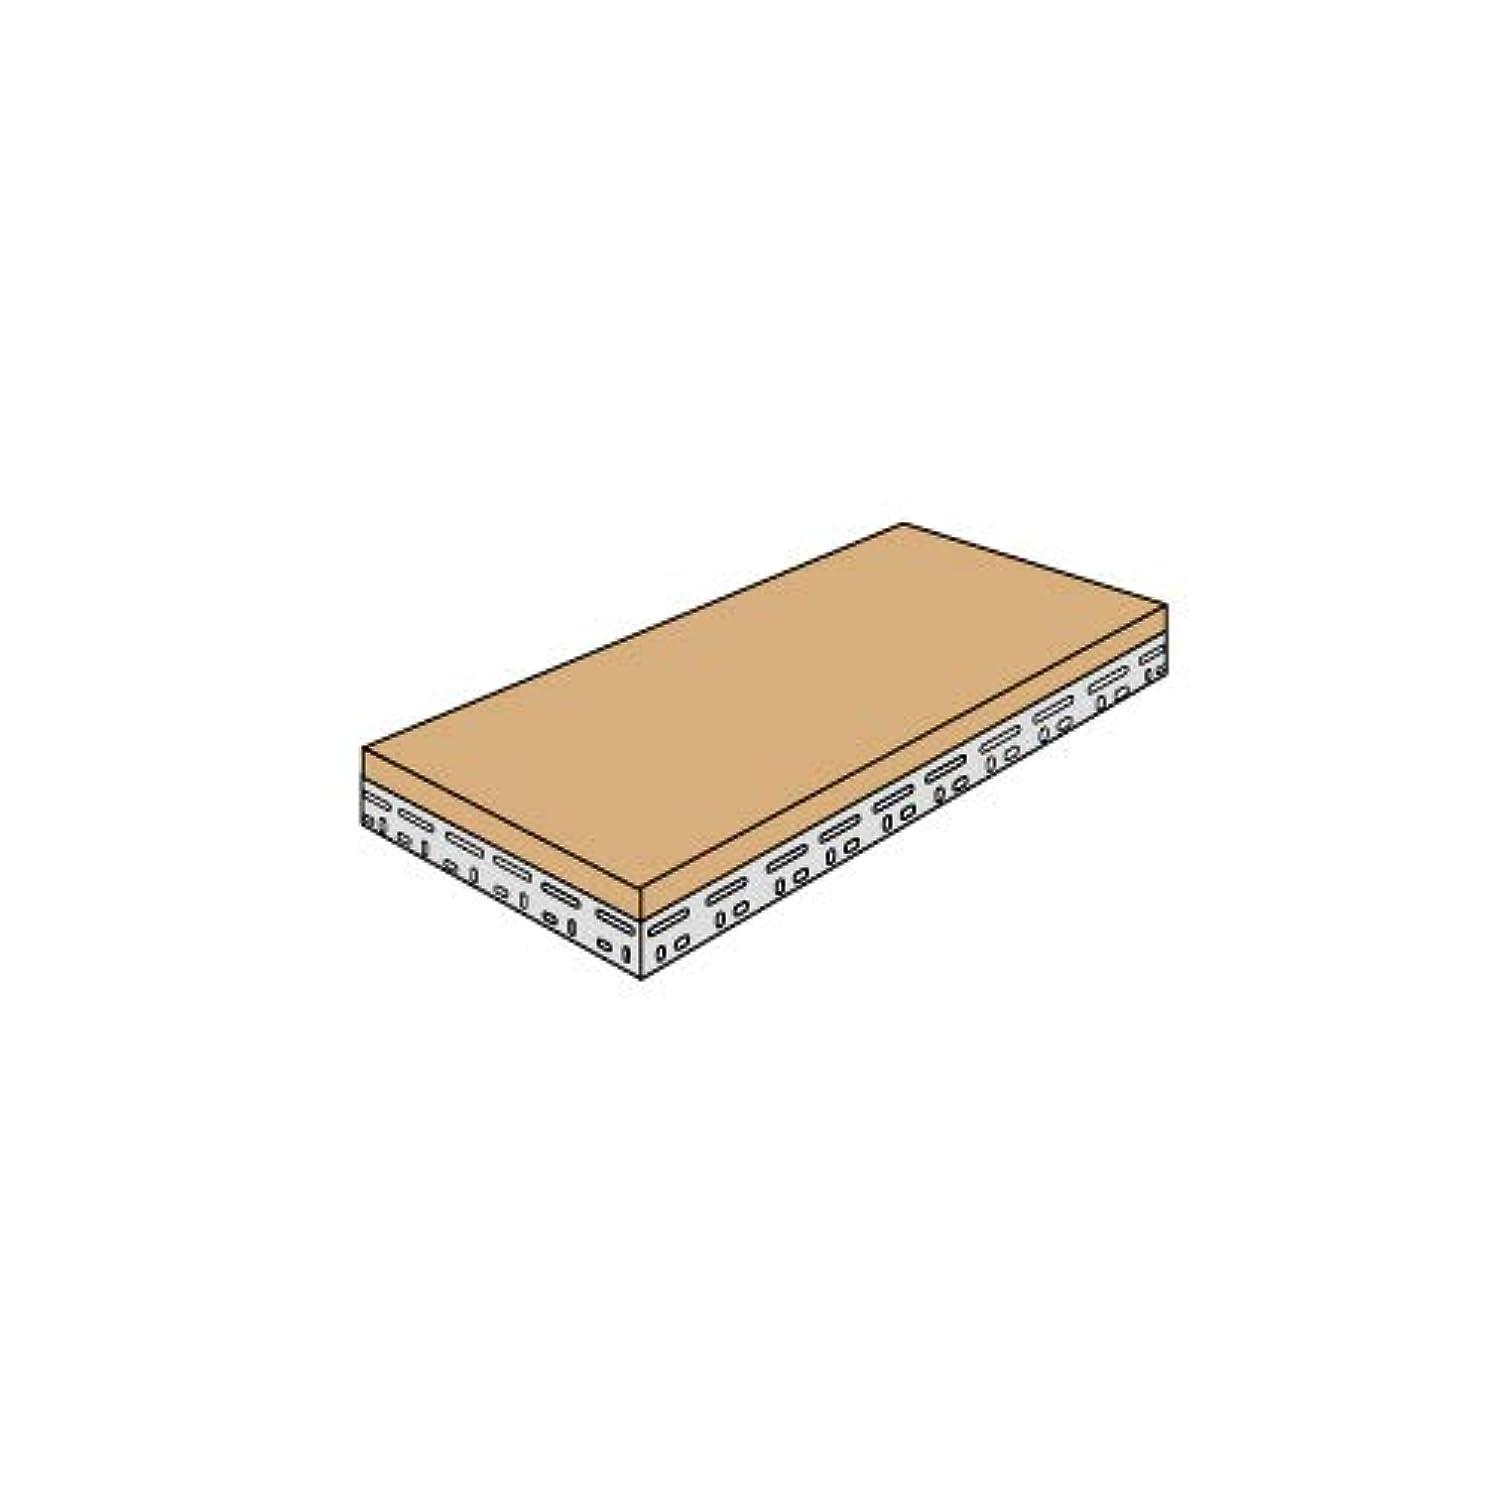 ピラミッド艦隊守銭奴追加板 ボード棚用 幅180×奥行30cm 1段分セット 補強1 グレー